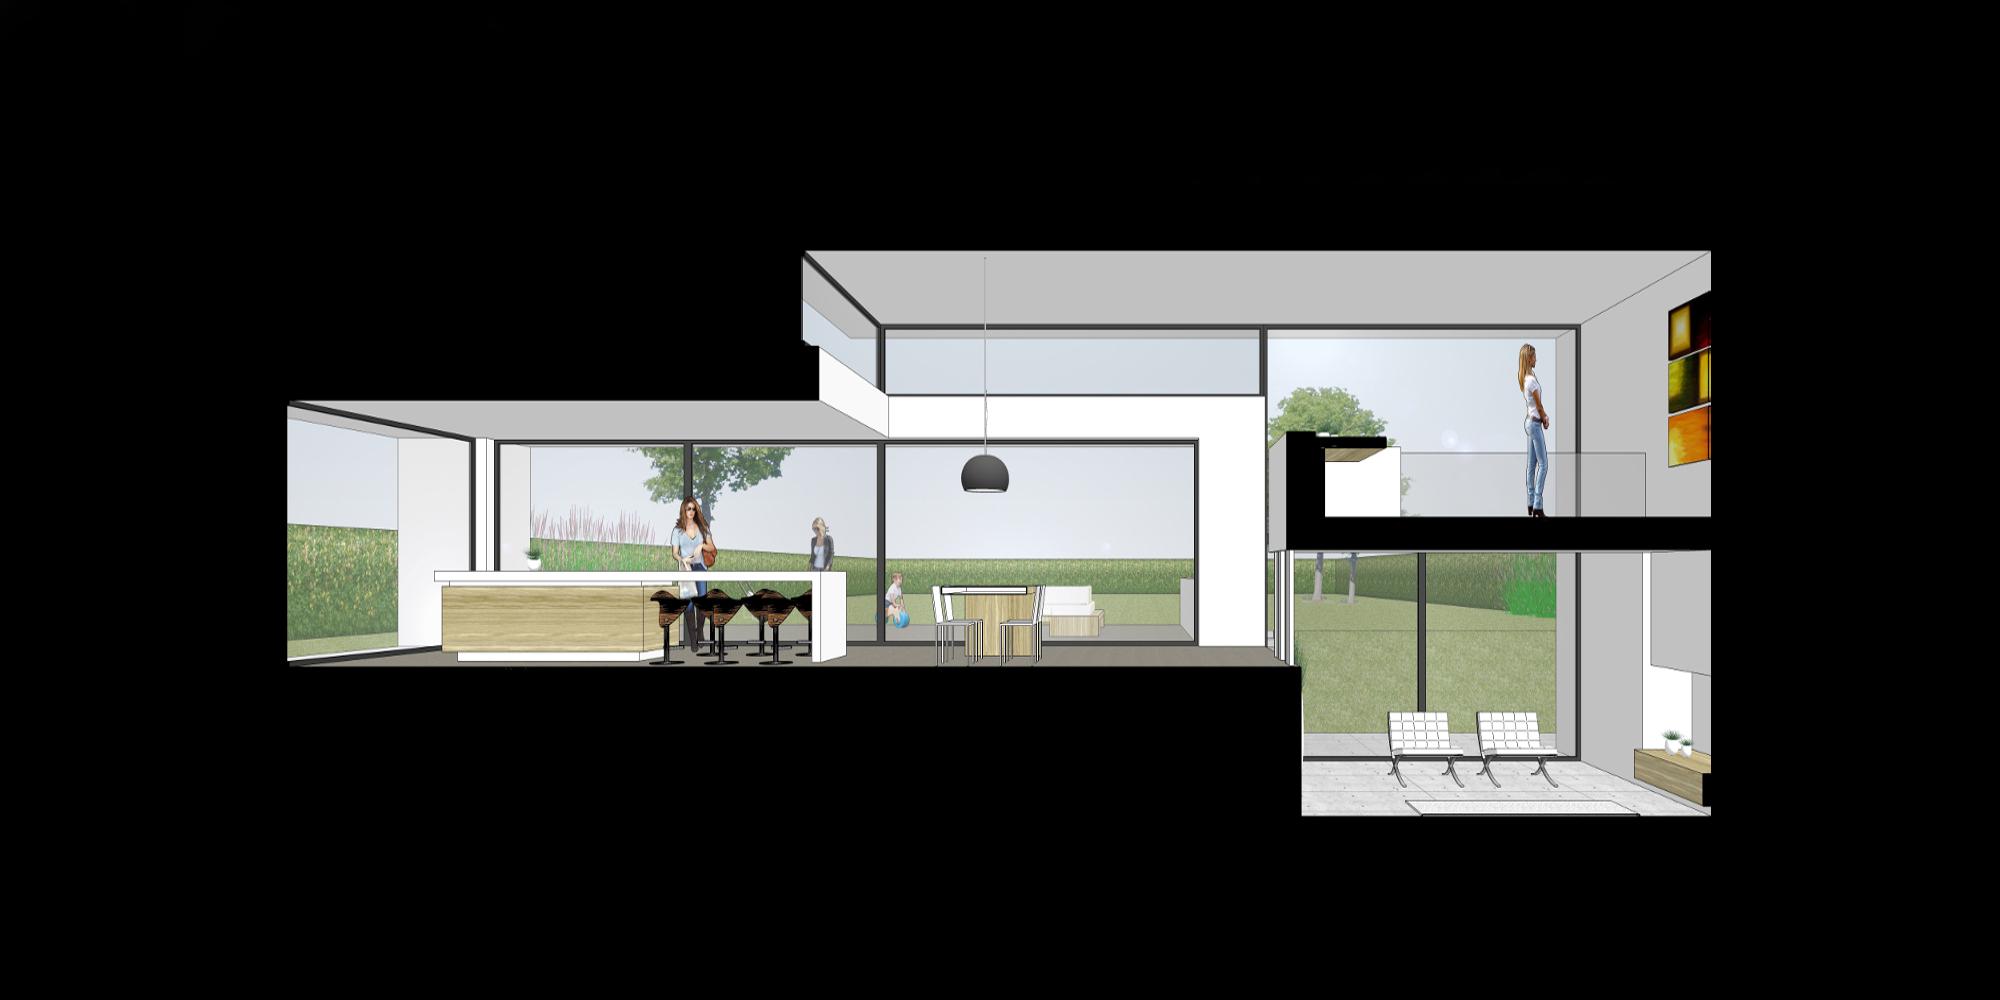 doorsnede - concept 24.jpg